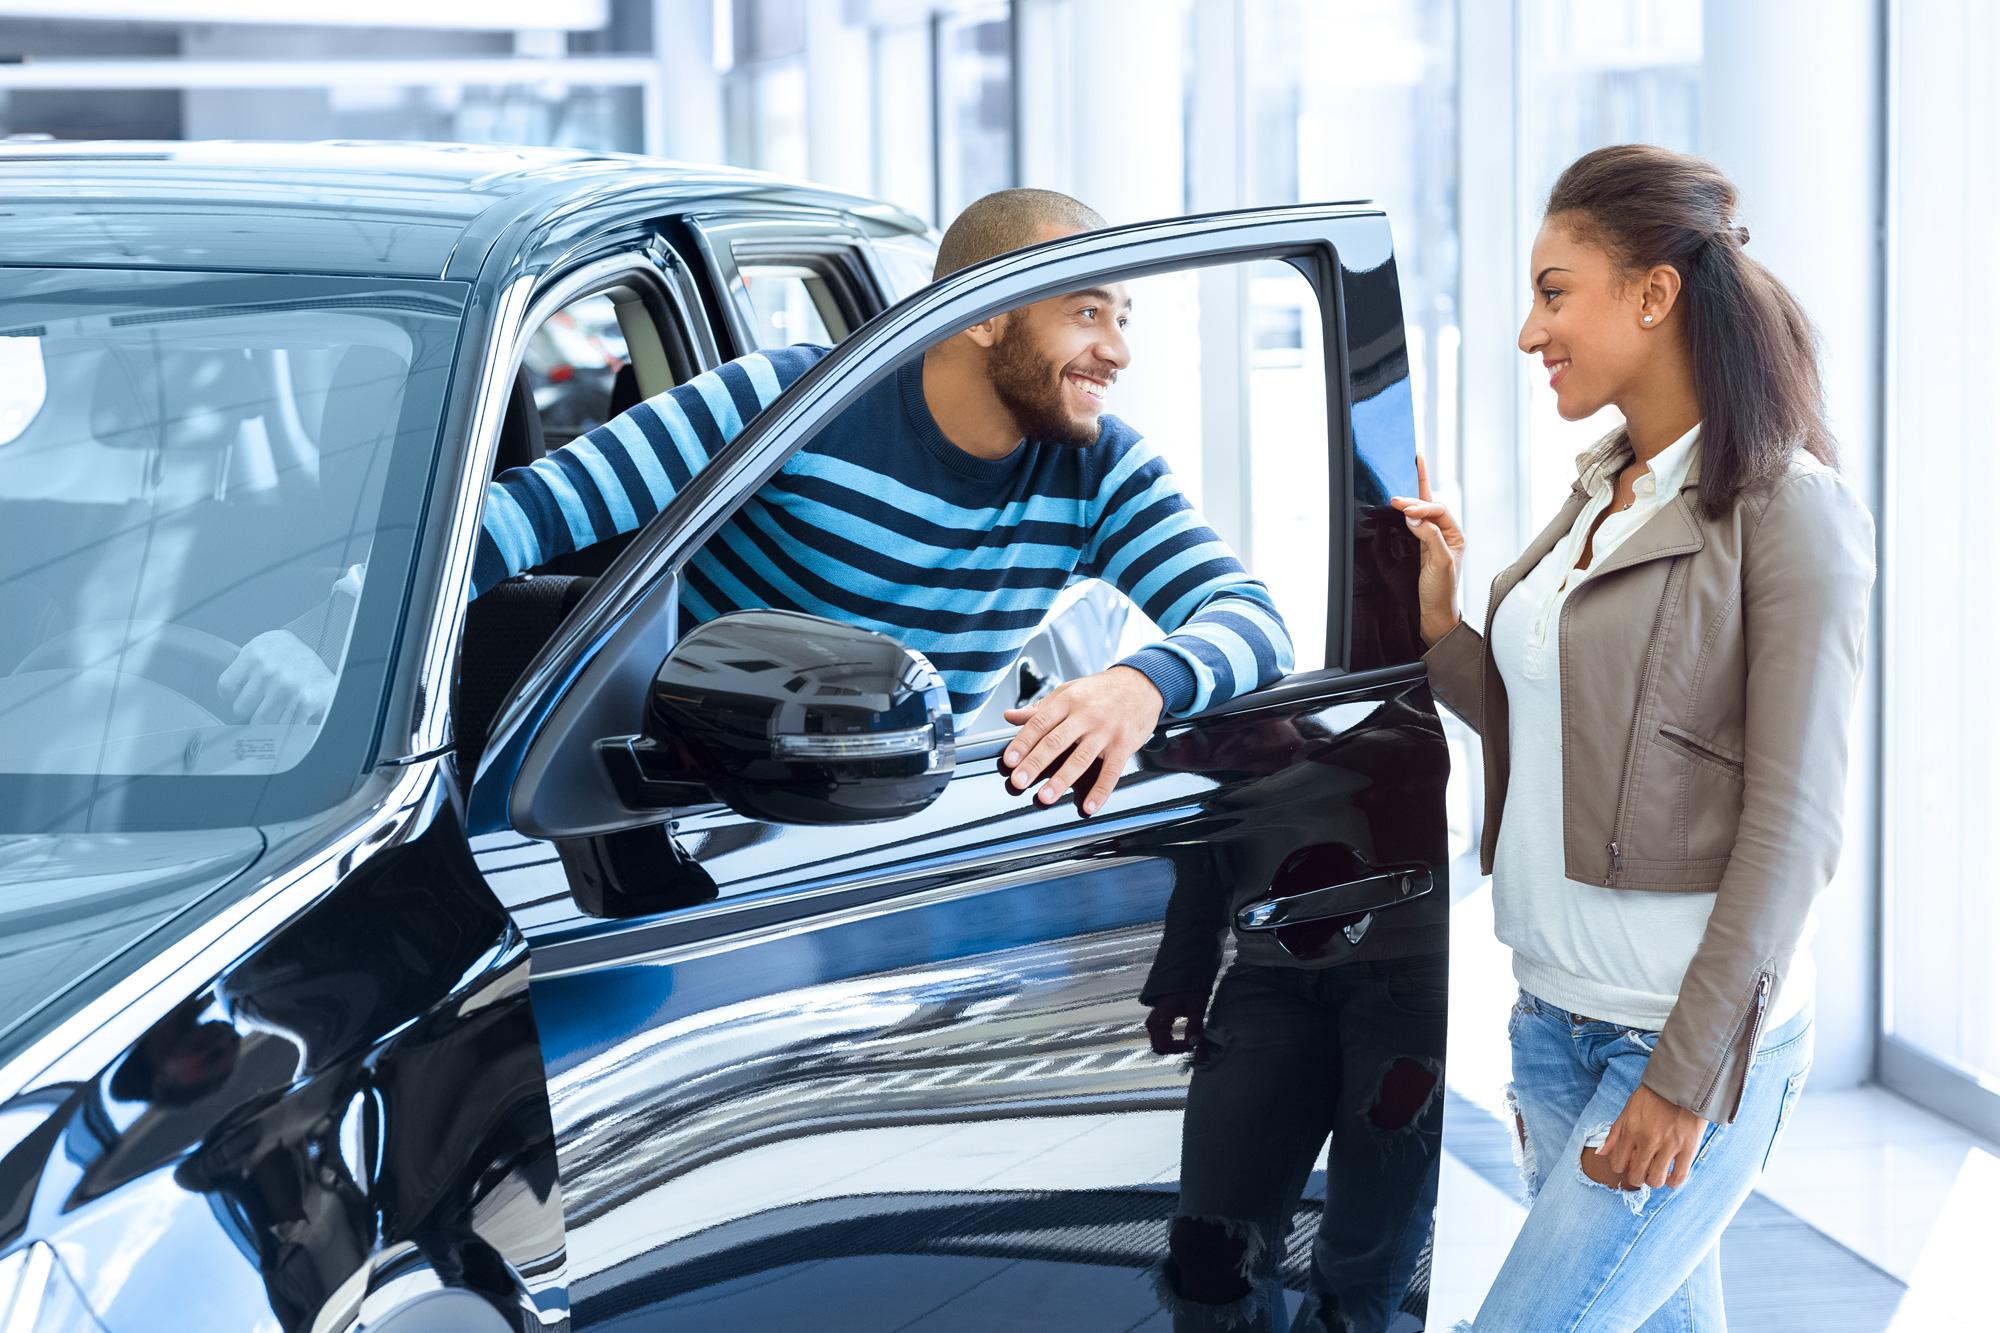 Increase Auto Portfolio Profitability and Growth Through Analytics-Driven Strategies